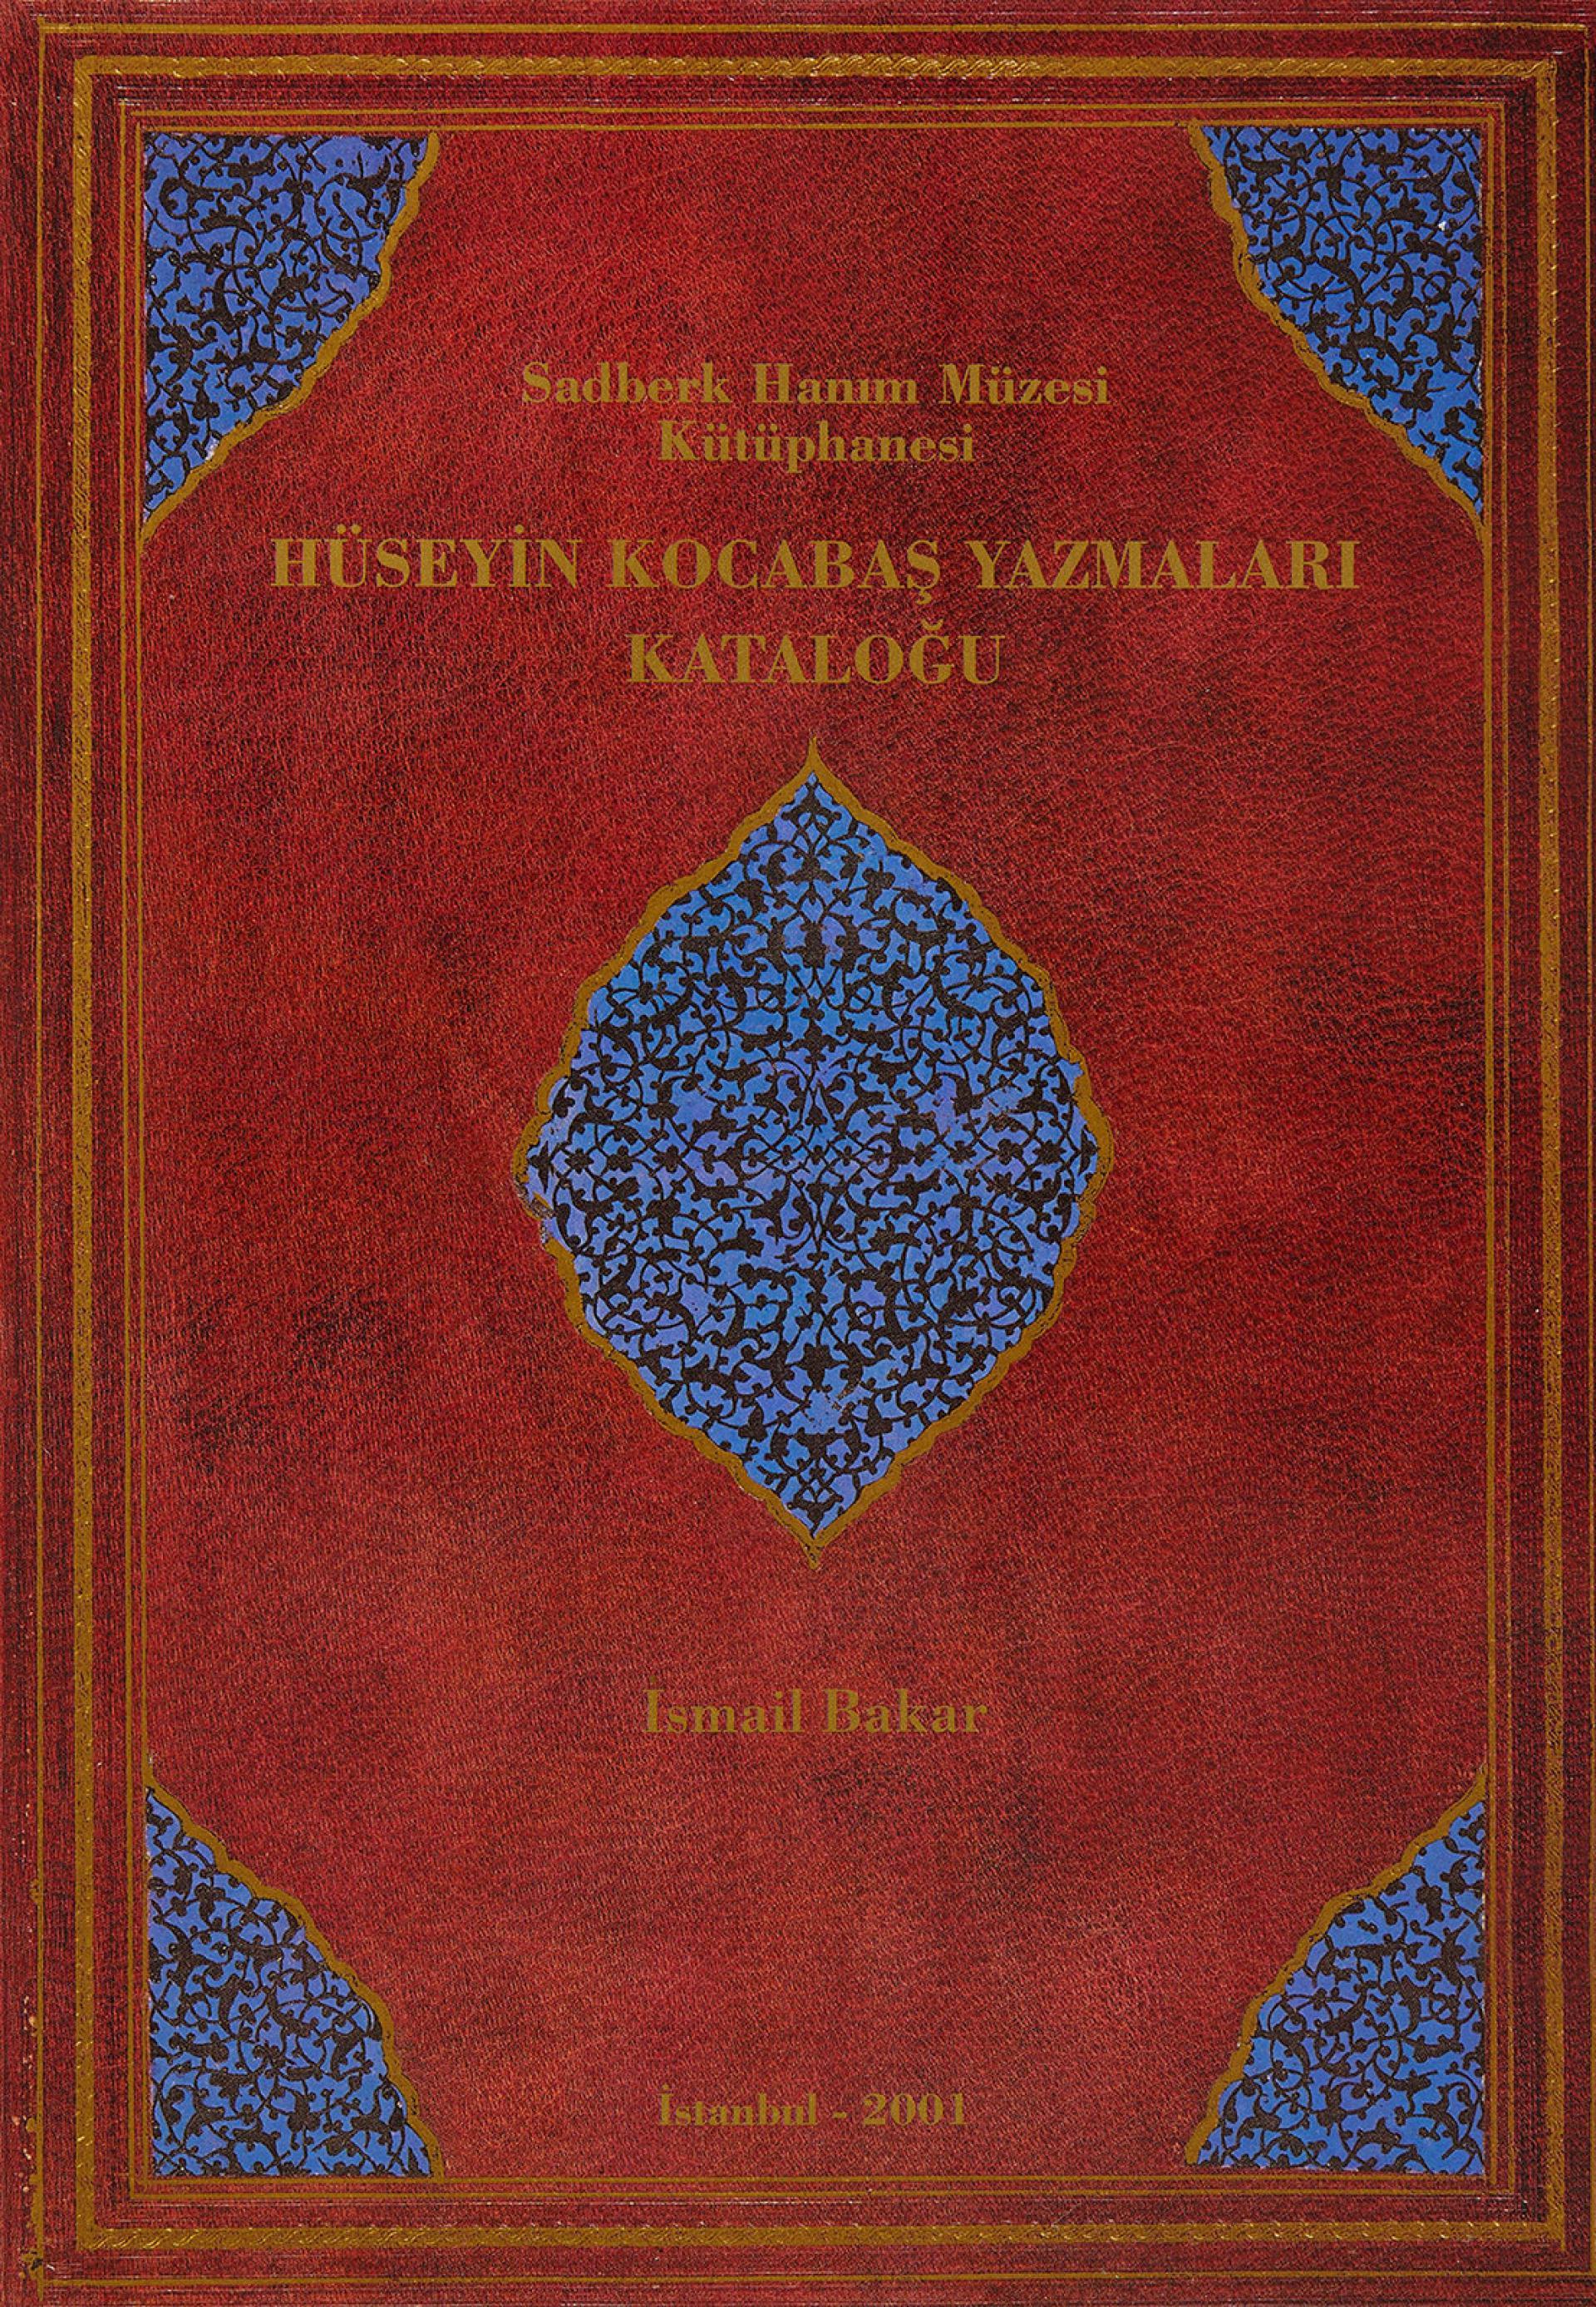 Sadberk Hanım Müzesi Kütüphanesi Hüseyin Kocabaş Yazmaları Kataloğu - BOOKS - Sadberk Hanım Museum